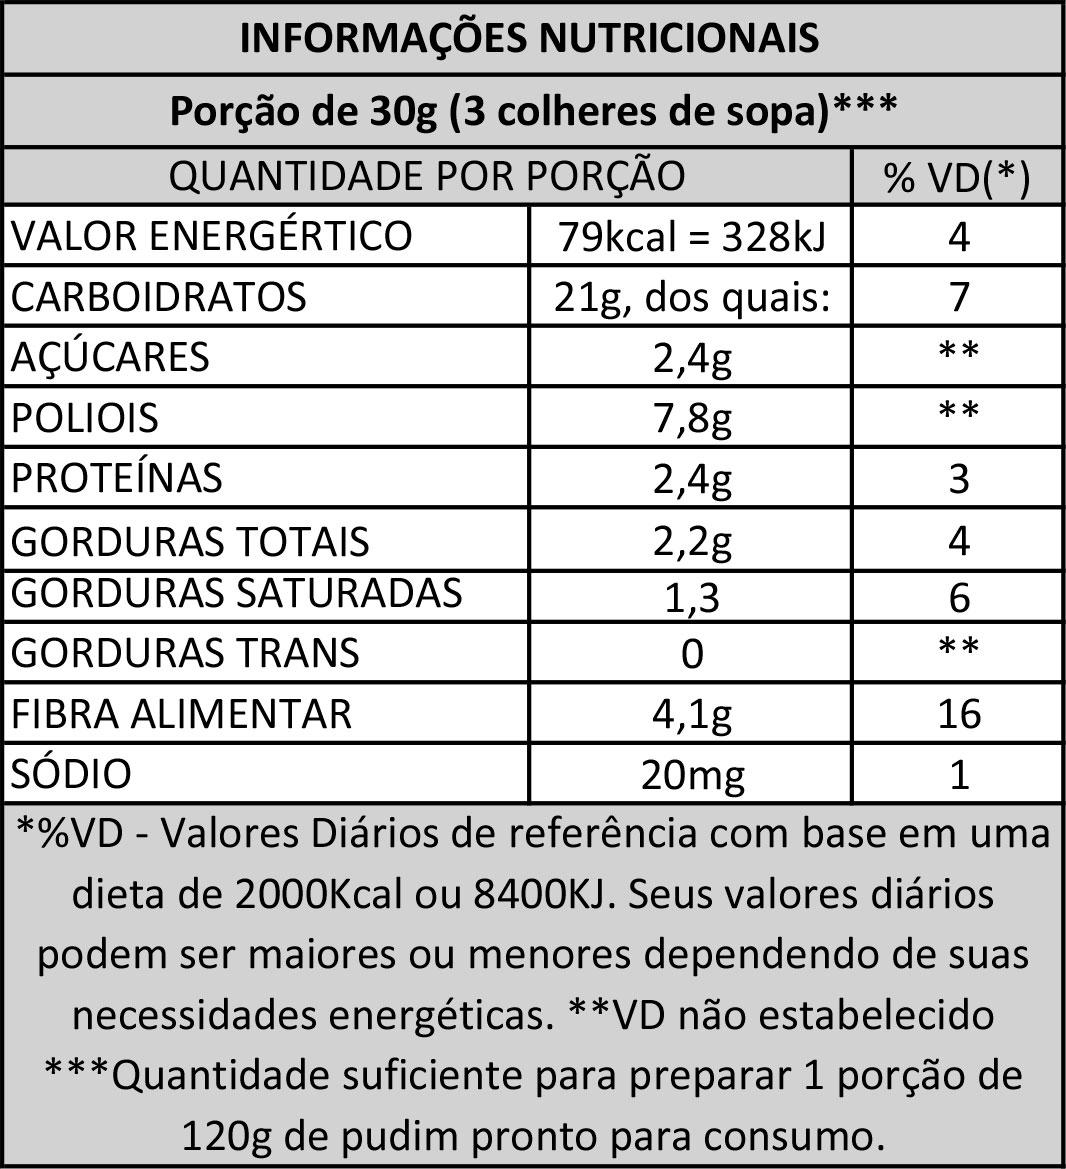 Resultado de imagem para INFORMAÇÃO NUTRICIONAL BRIGADEIRO STEVITA